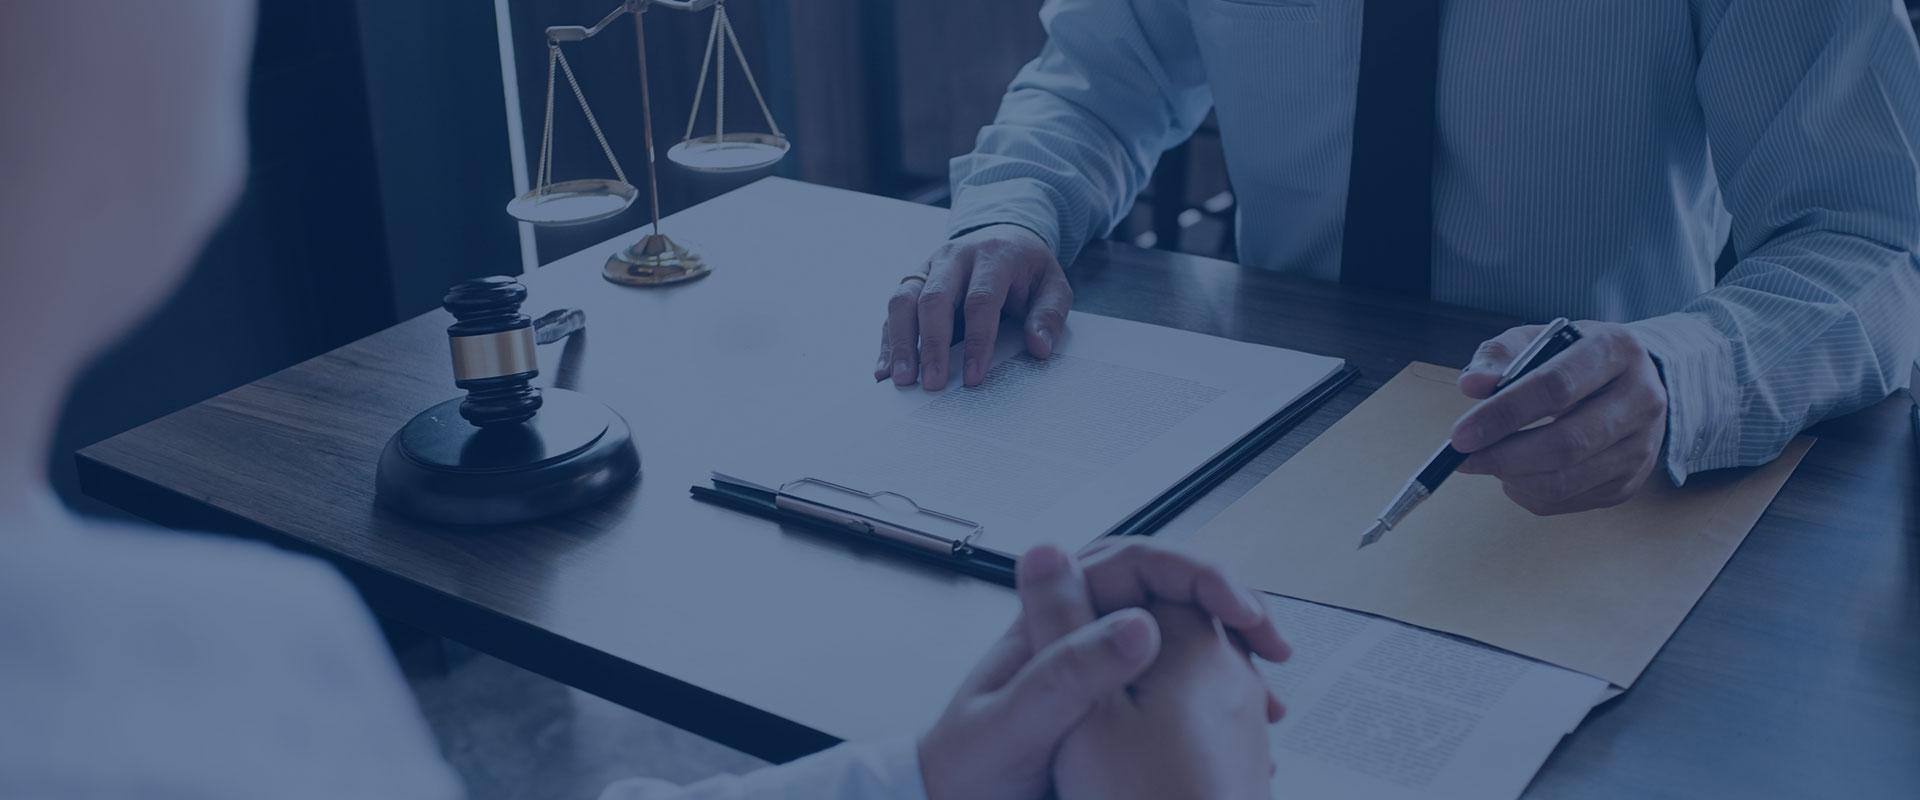 pericia-judicial-expert-pericias